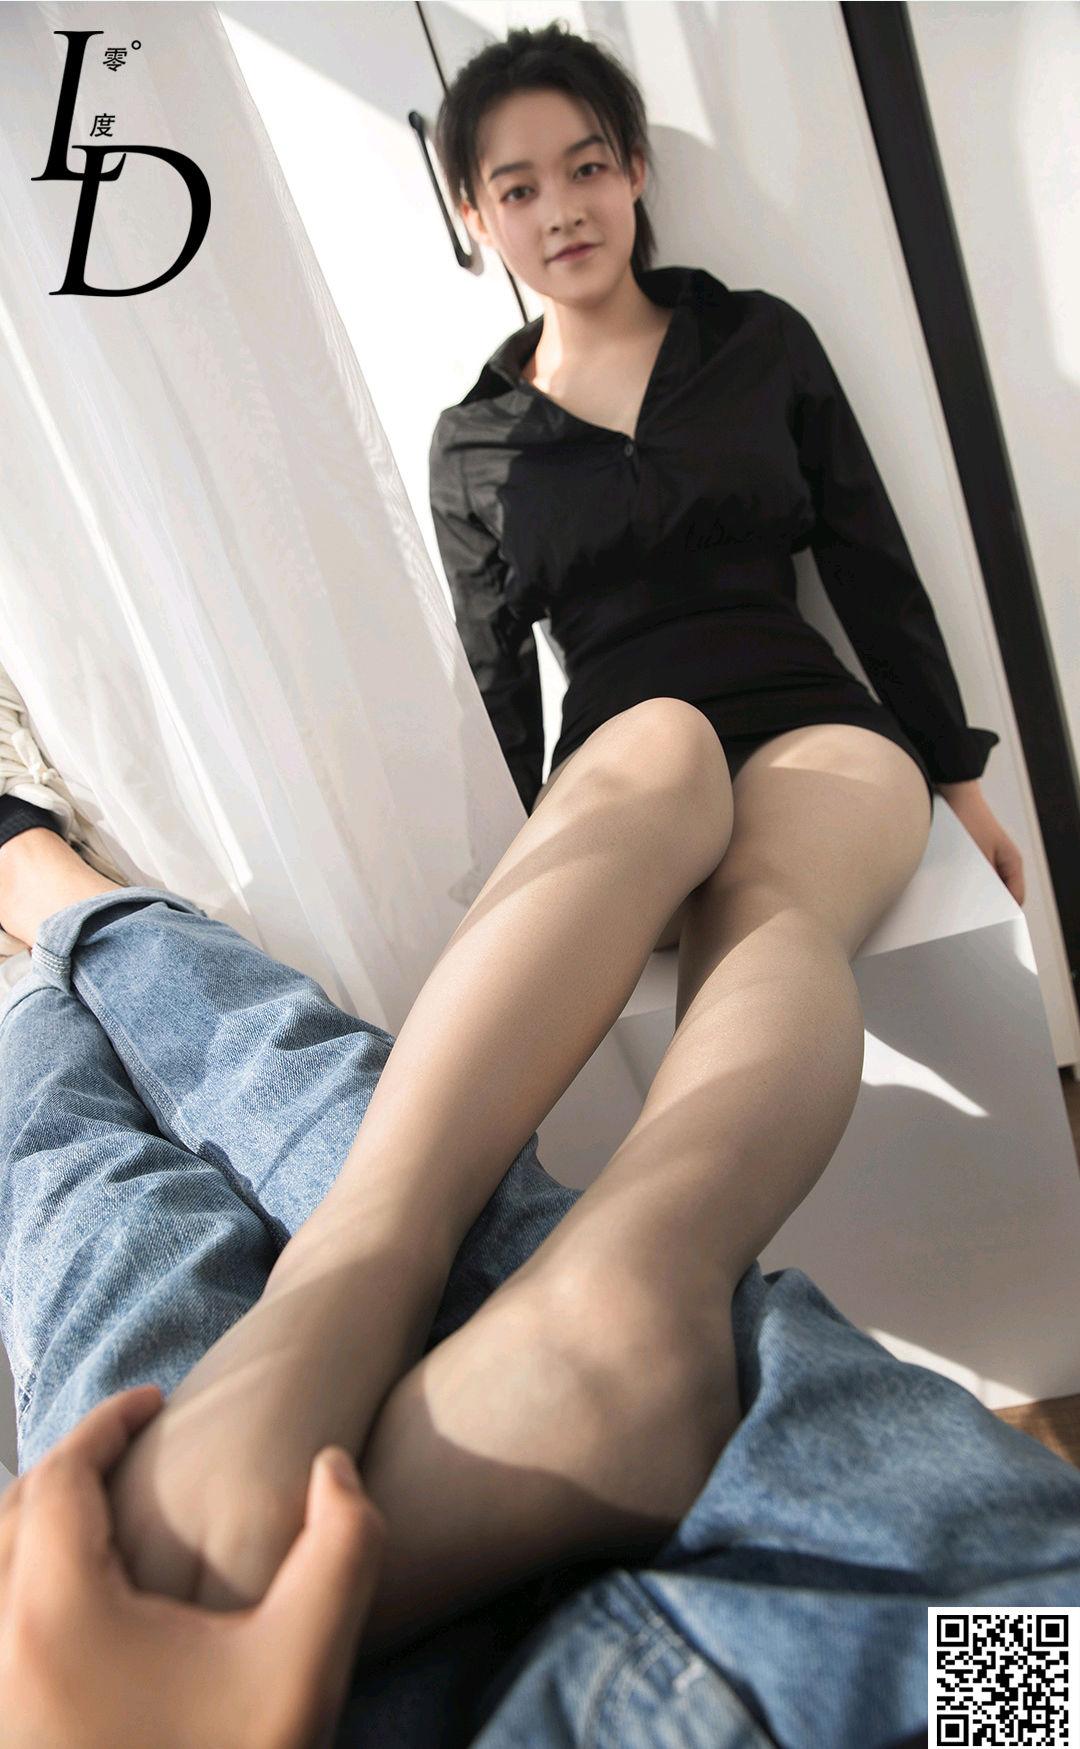 VOL.1539 [LD零度]丝袜诱惑肉丝袜:明然高品质写真套图(45P)